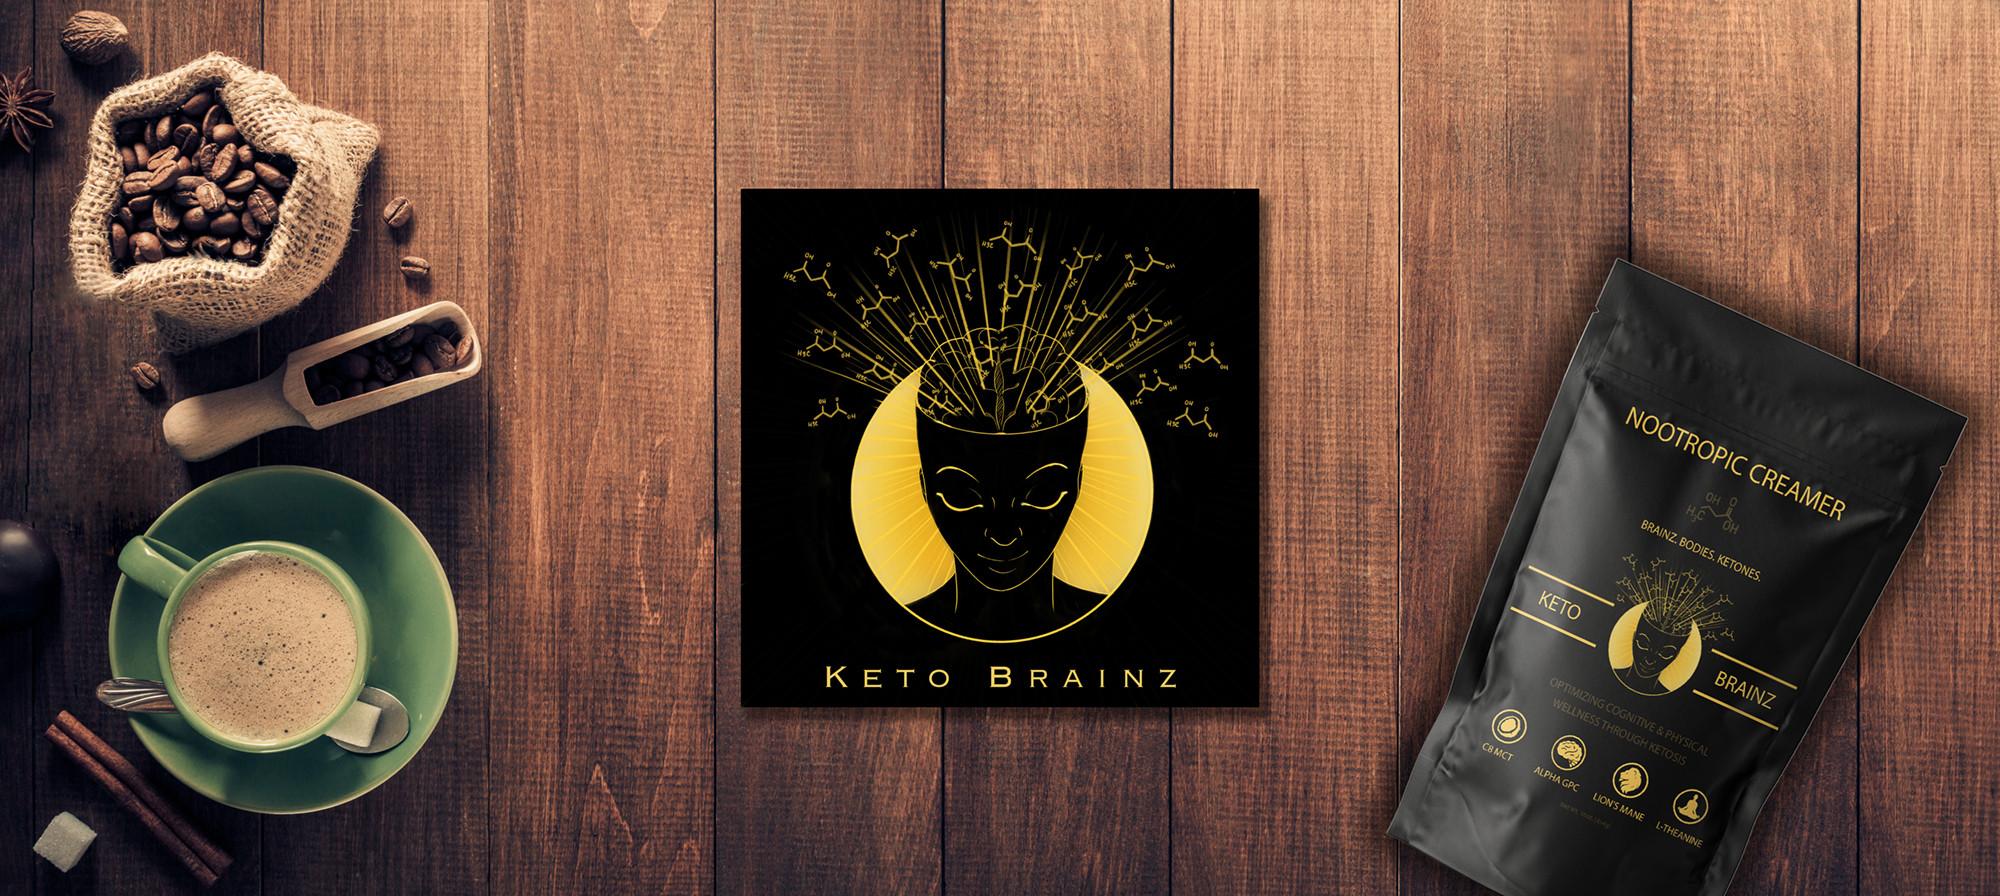 Keto Nootropic Creamer & Products | Keto Brainz Nootropics